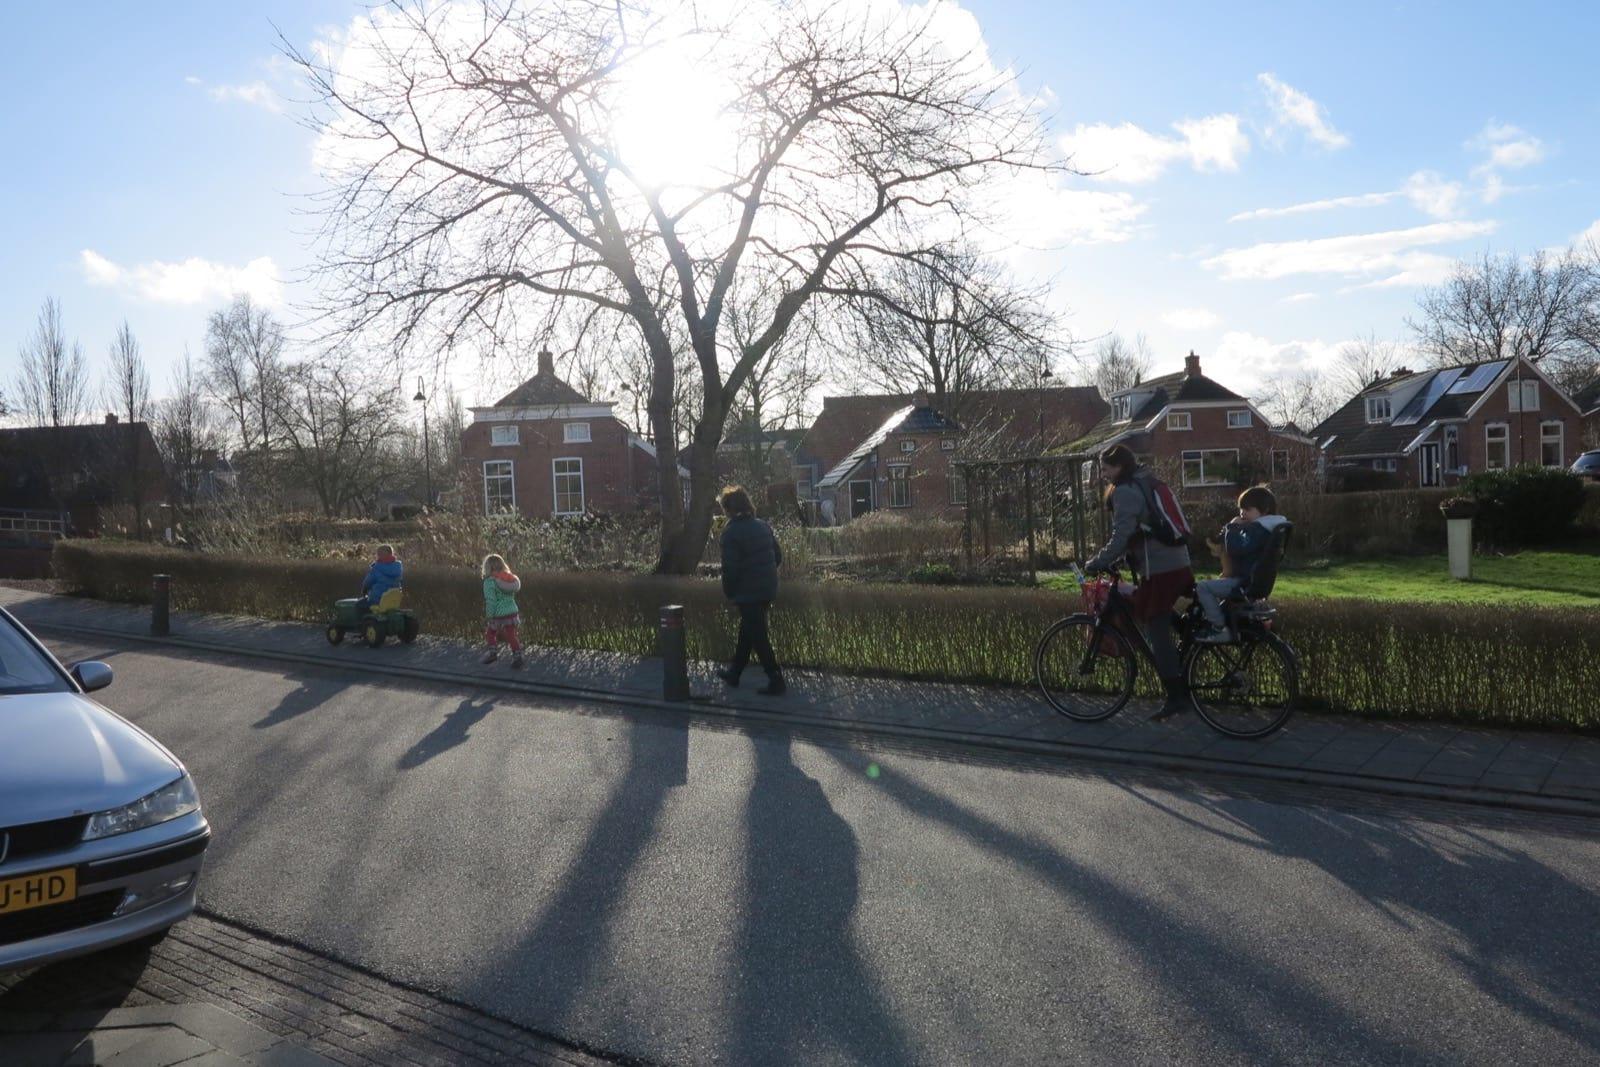 et-fiets-en-fietser-08-evelien-de-rijke-met-joris-vos-oi.jpg